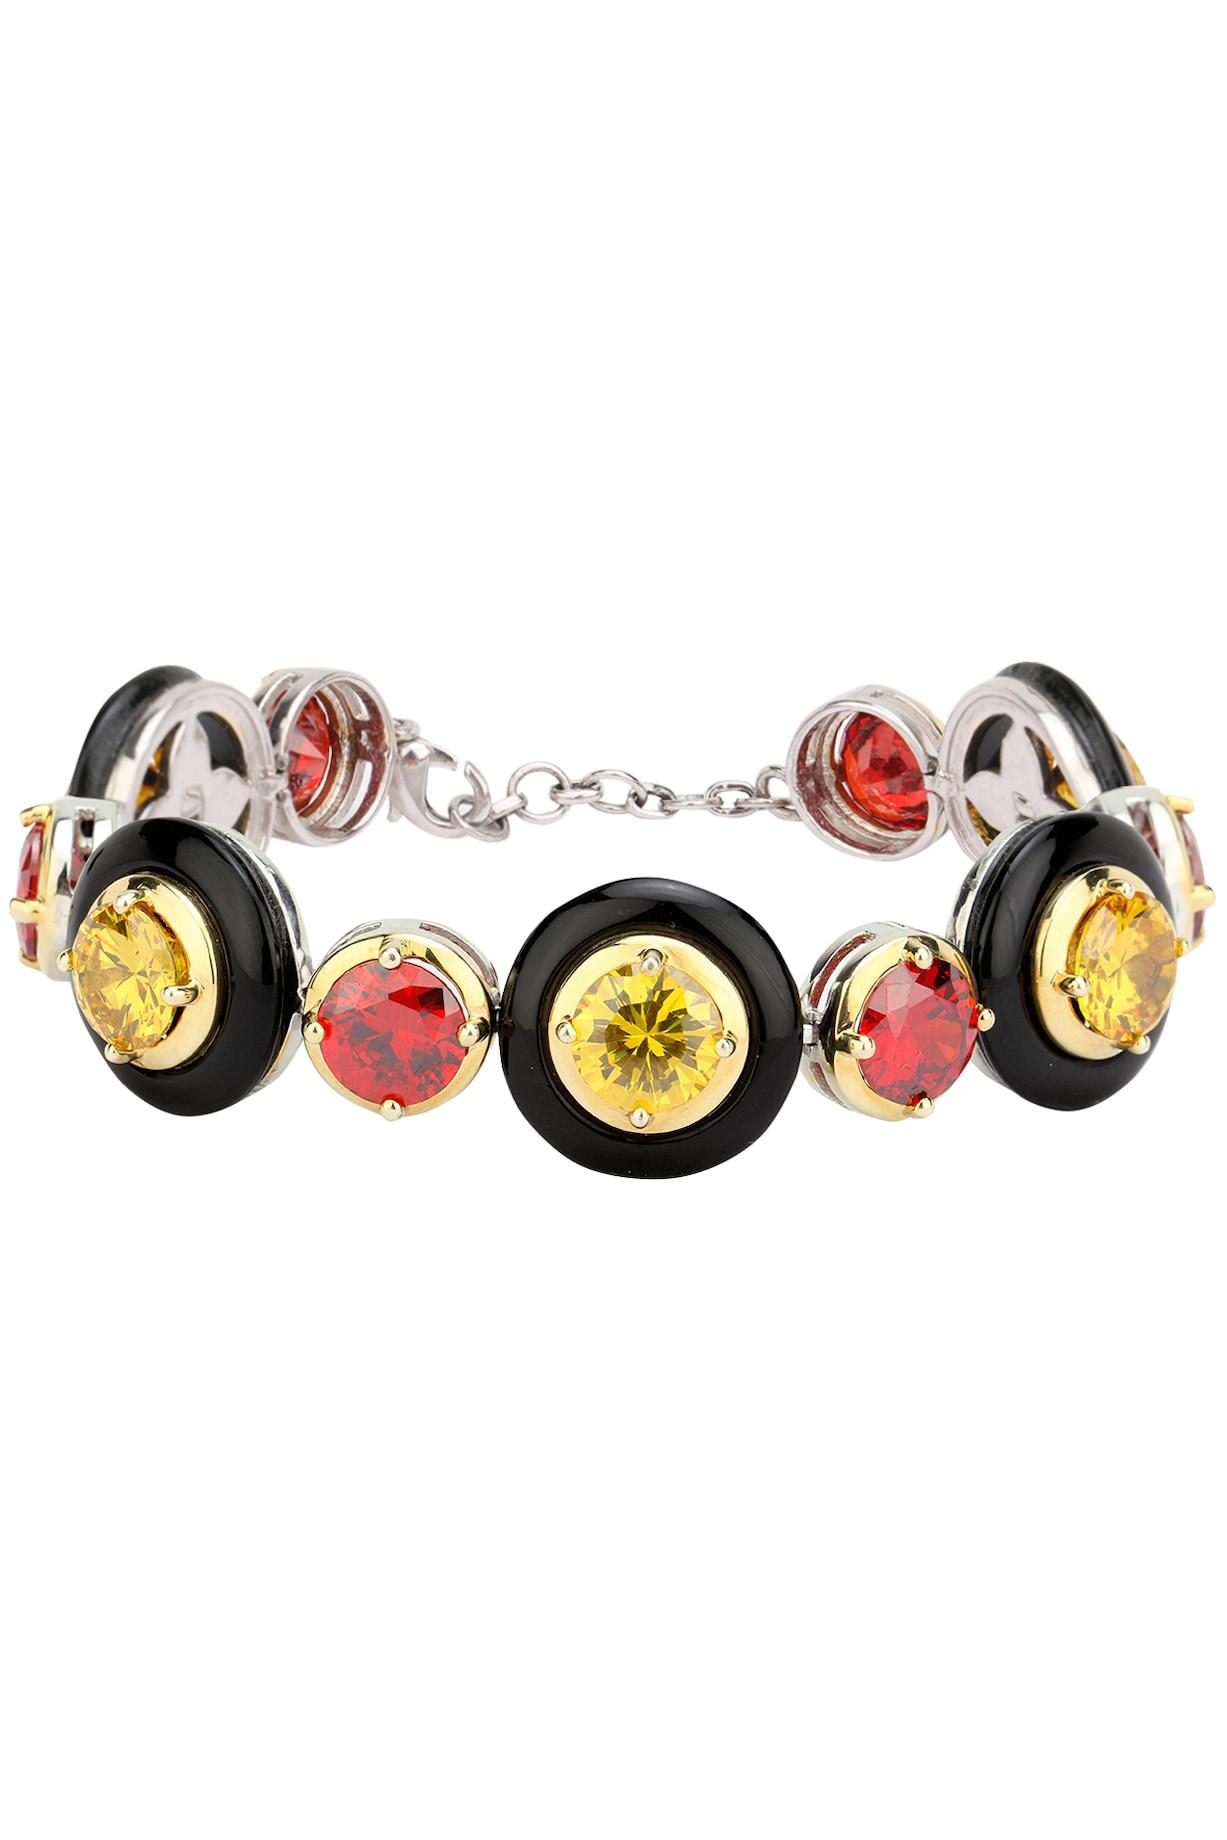 Shruti Agrwal Bracelets